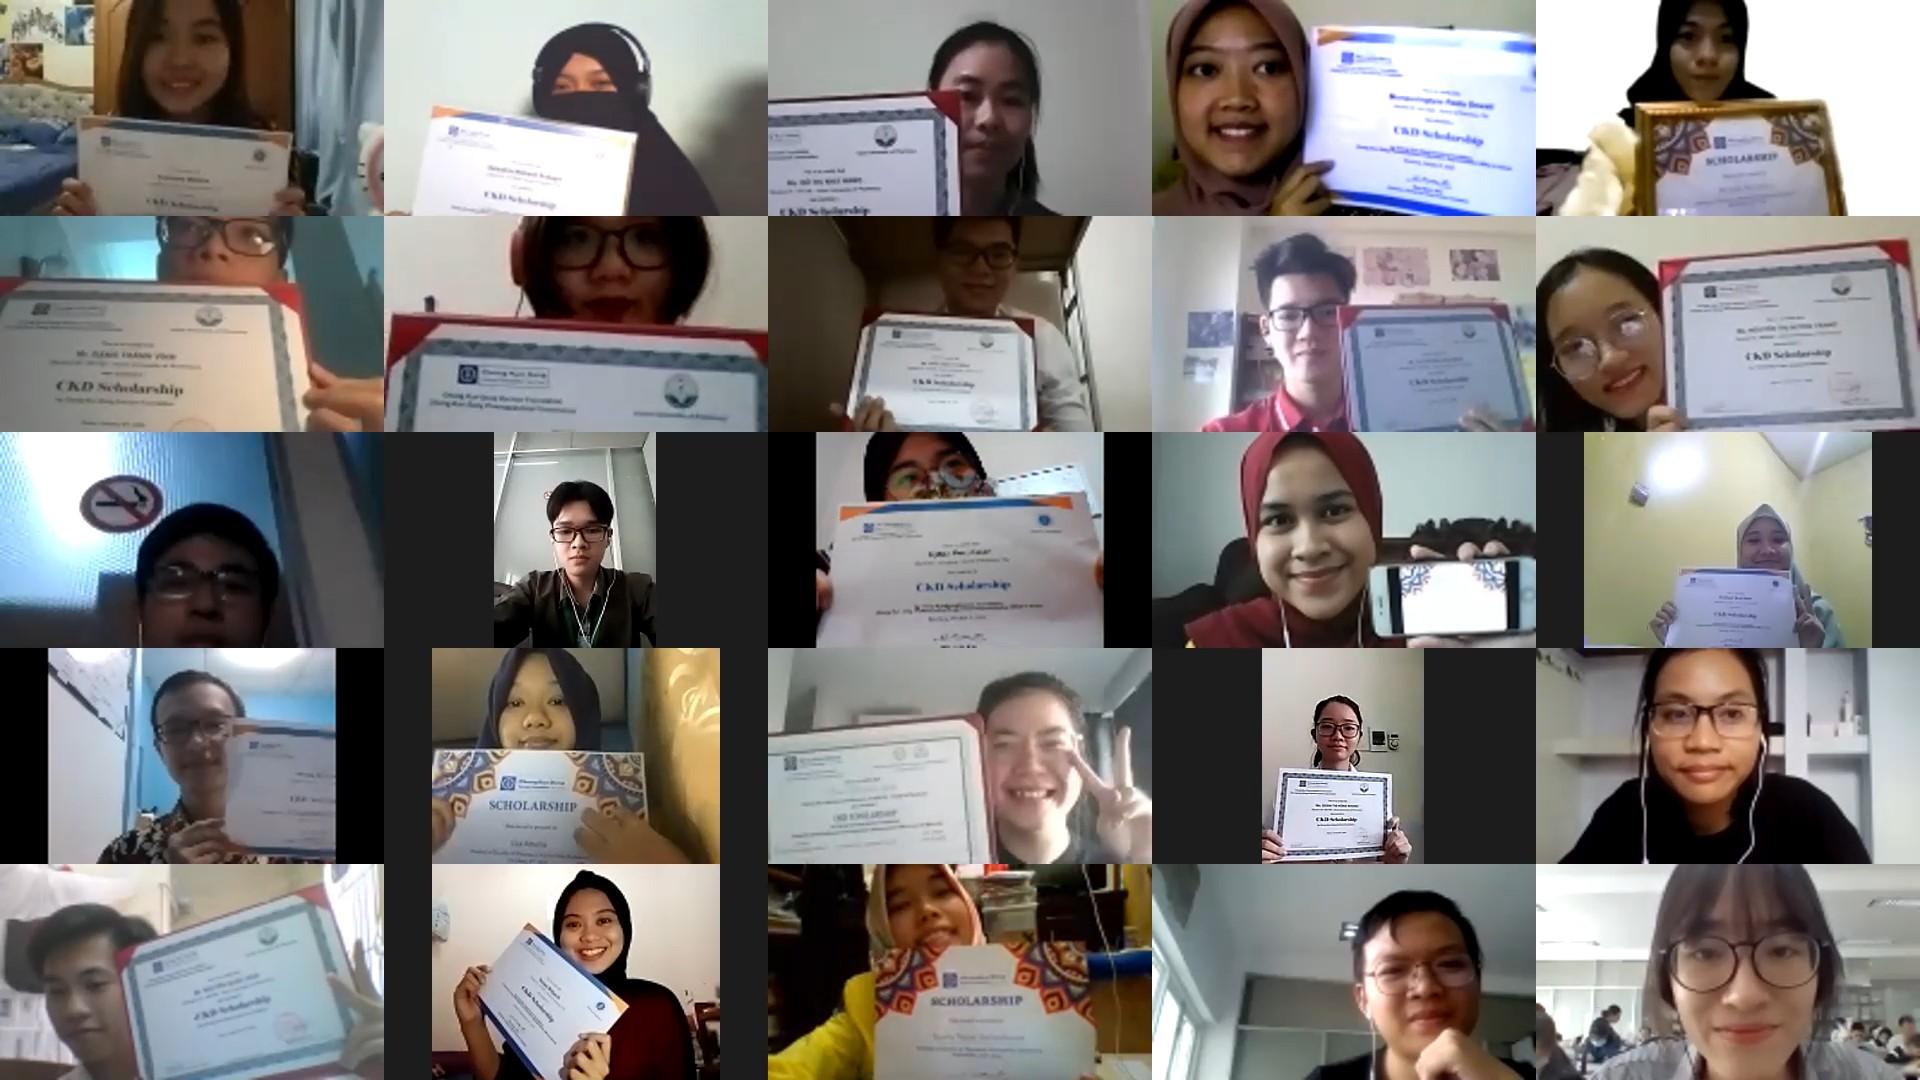 종근당고촌재단은 8일 장학증서 수여식을 열고 인도네시아국립대학과 반둥공과대학, 베트남의 하노이약학대학과 호치민의약학대학에서 선발한 현지 장학생 40명에게 장학금을 전달했다